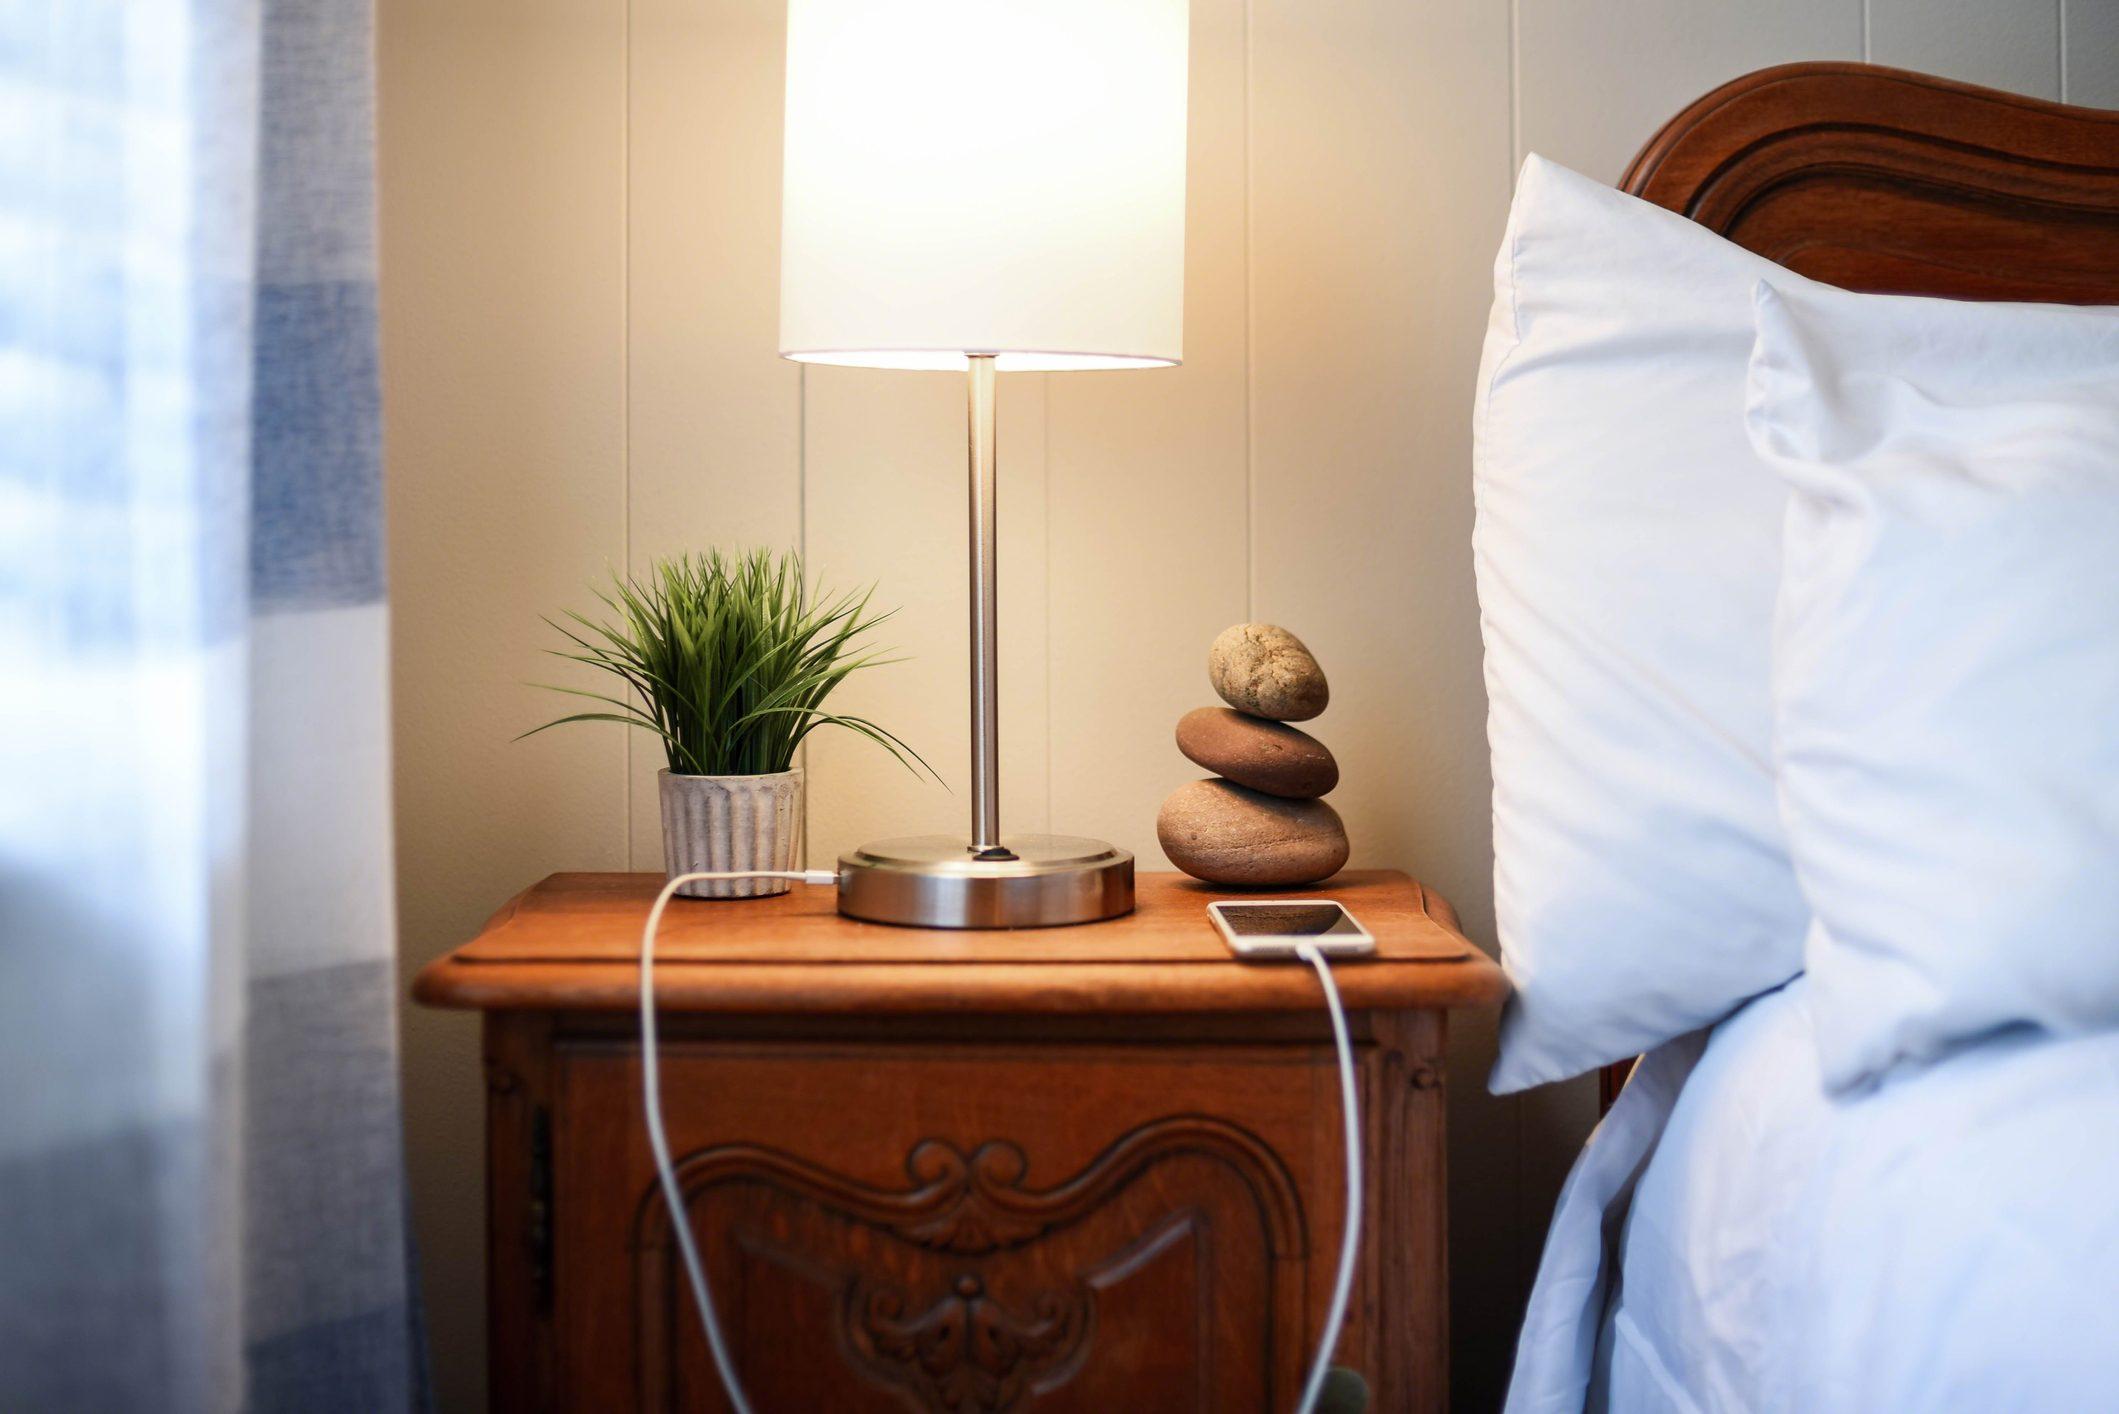 smarphone charging on nightstand